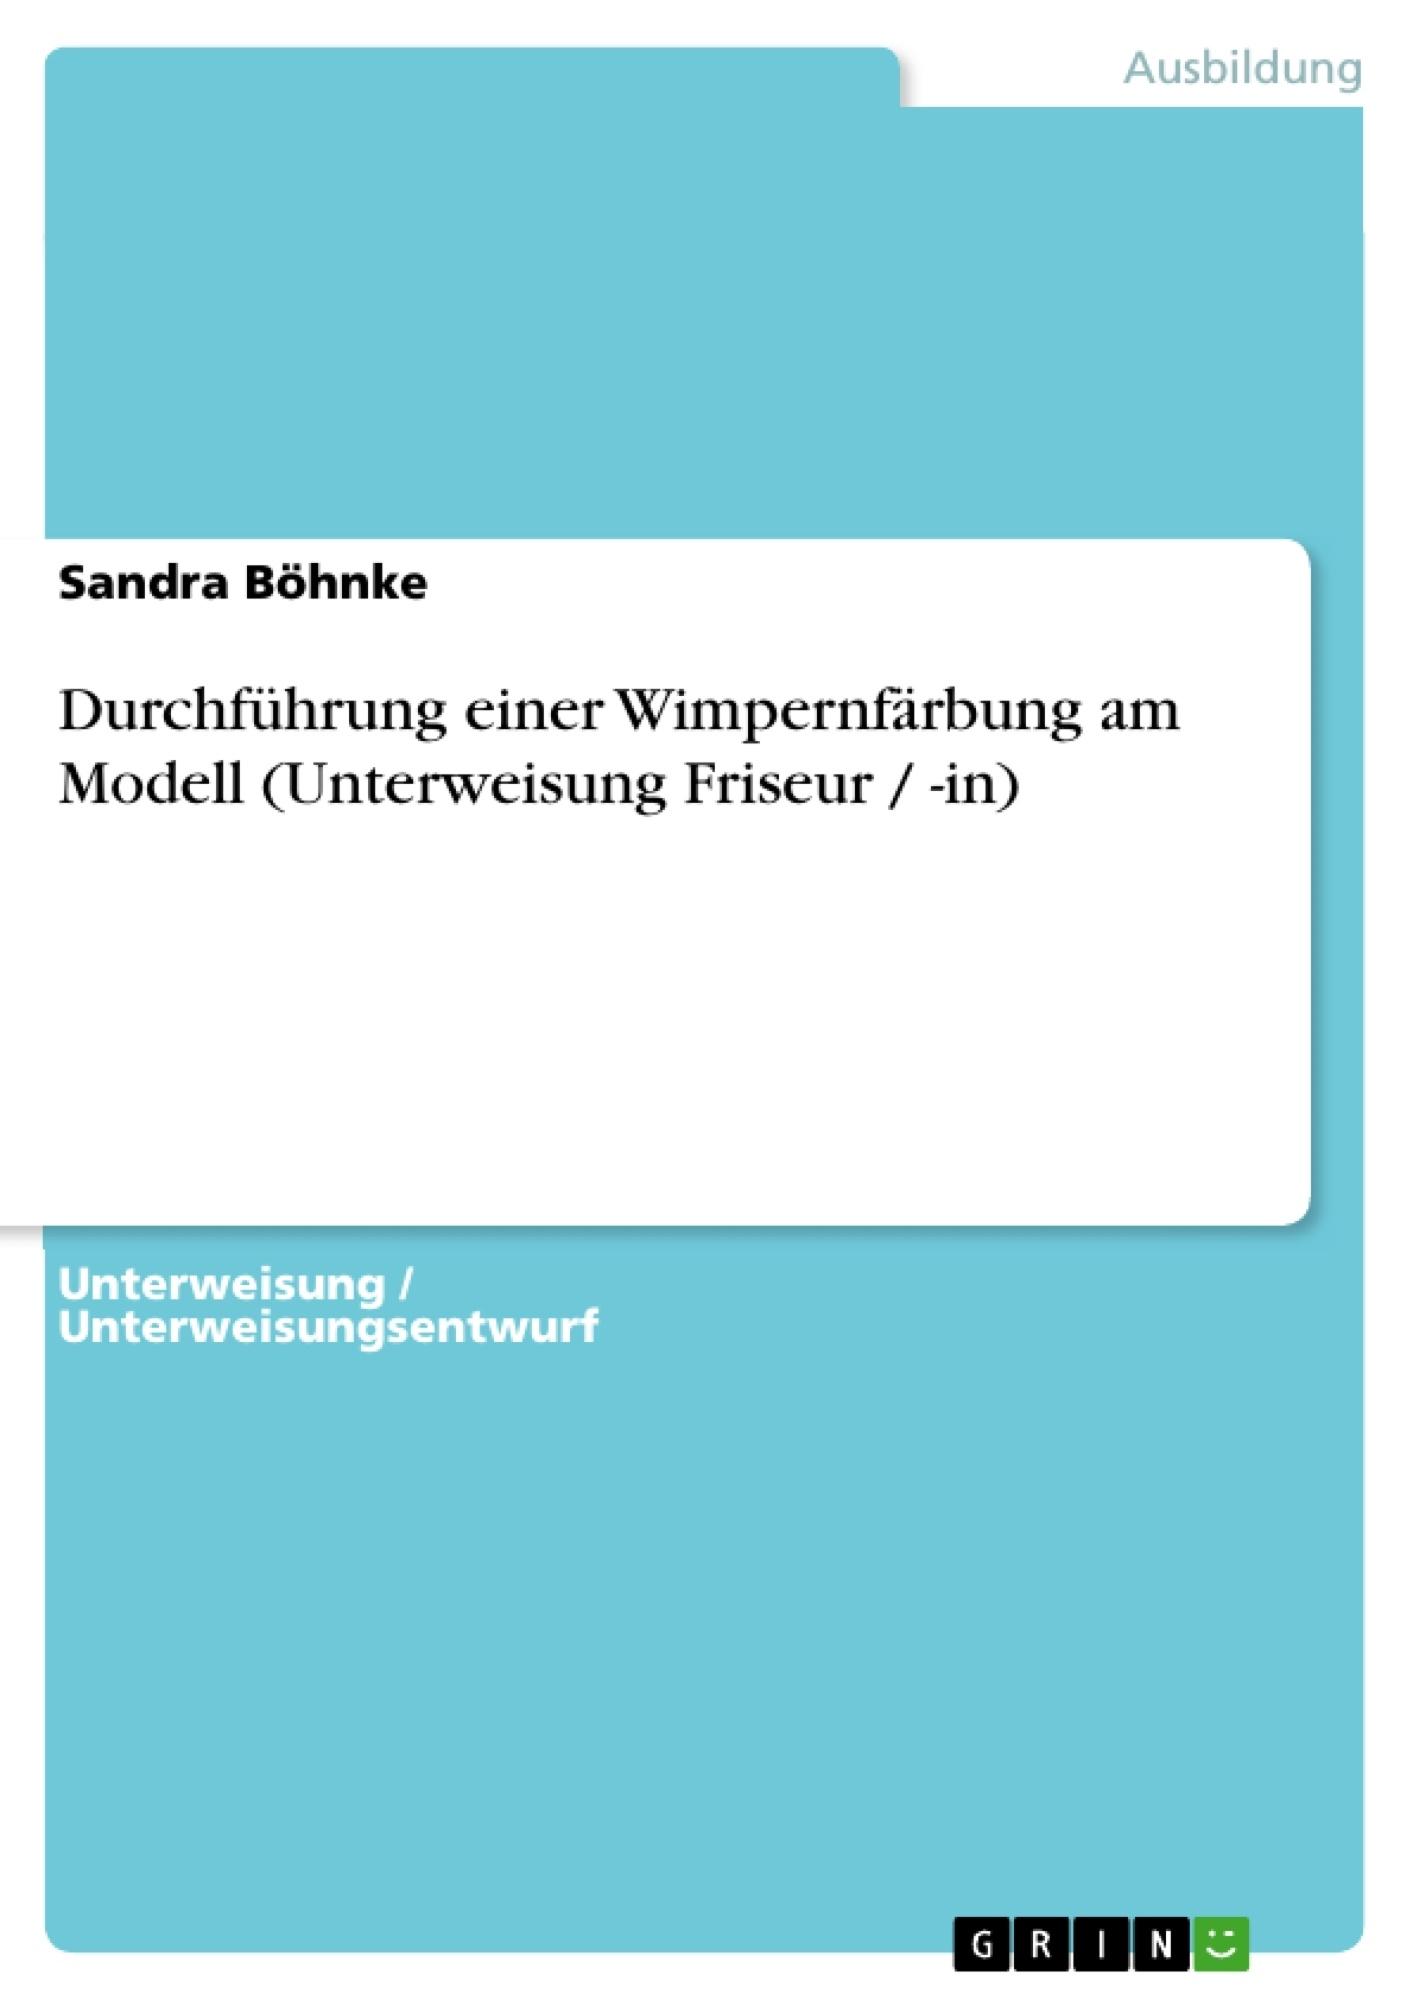 Titel: Durchführung einer Wimpernfärbung am Modell (Unterweisung Friseur / -in)